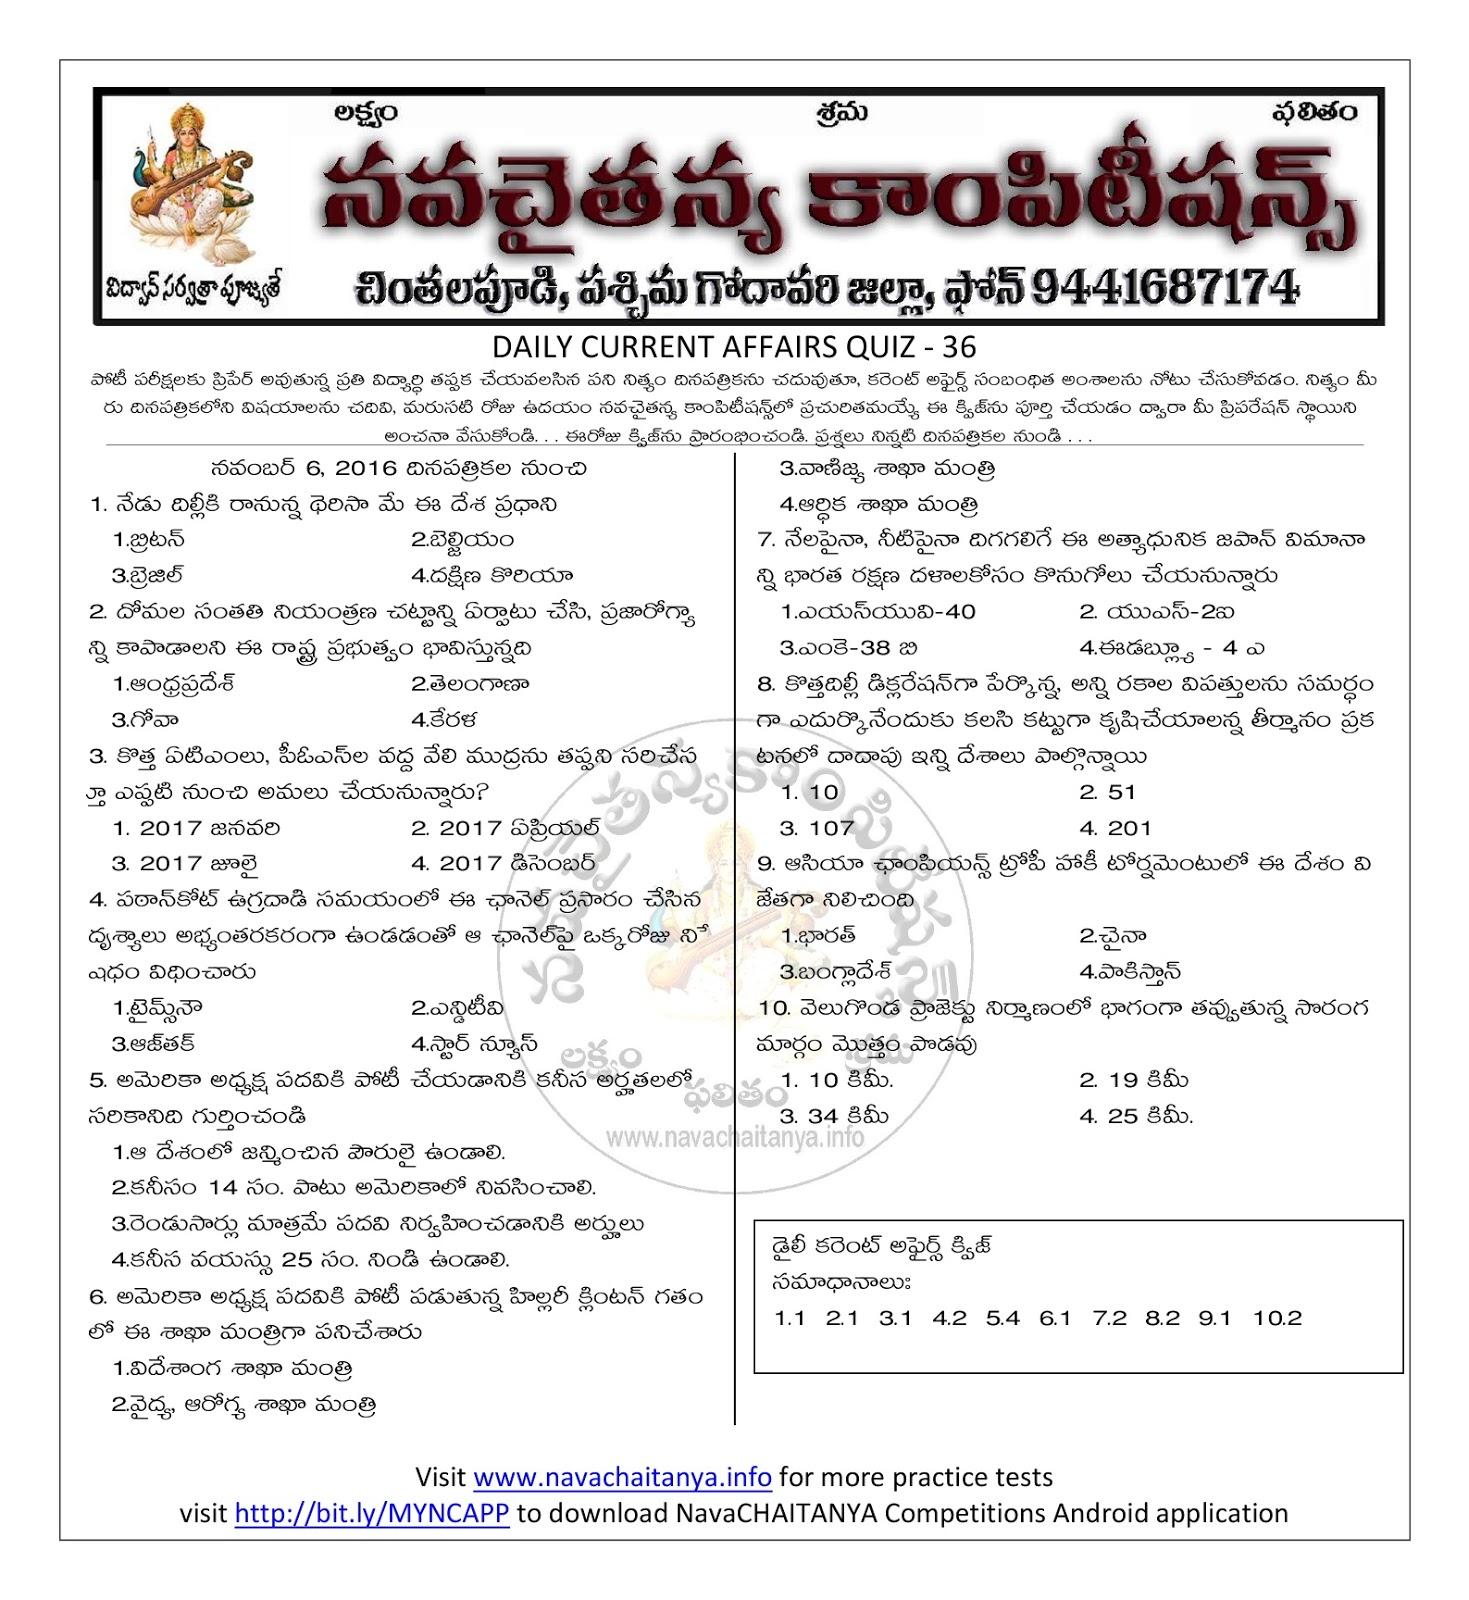 Telugu devotion pdf livres telechargement gratuit